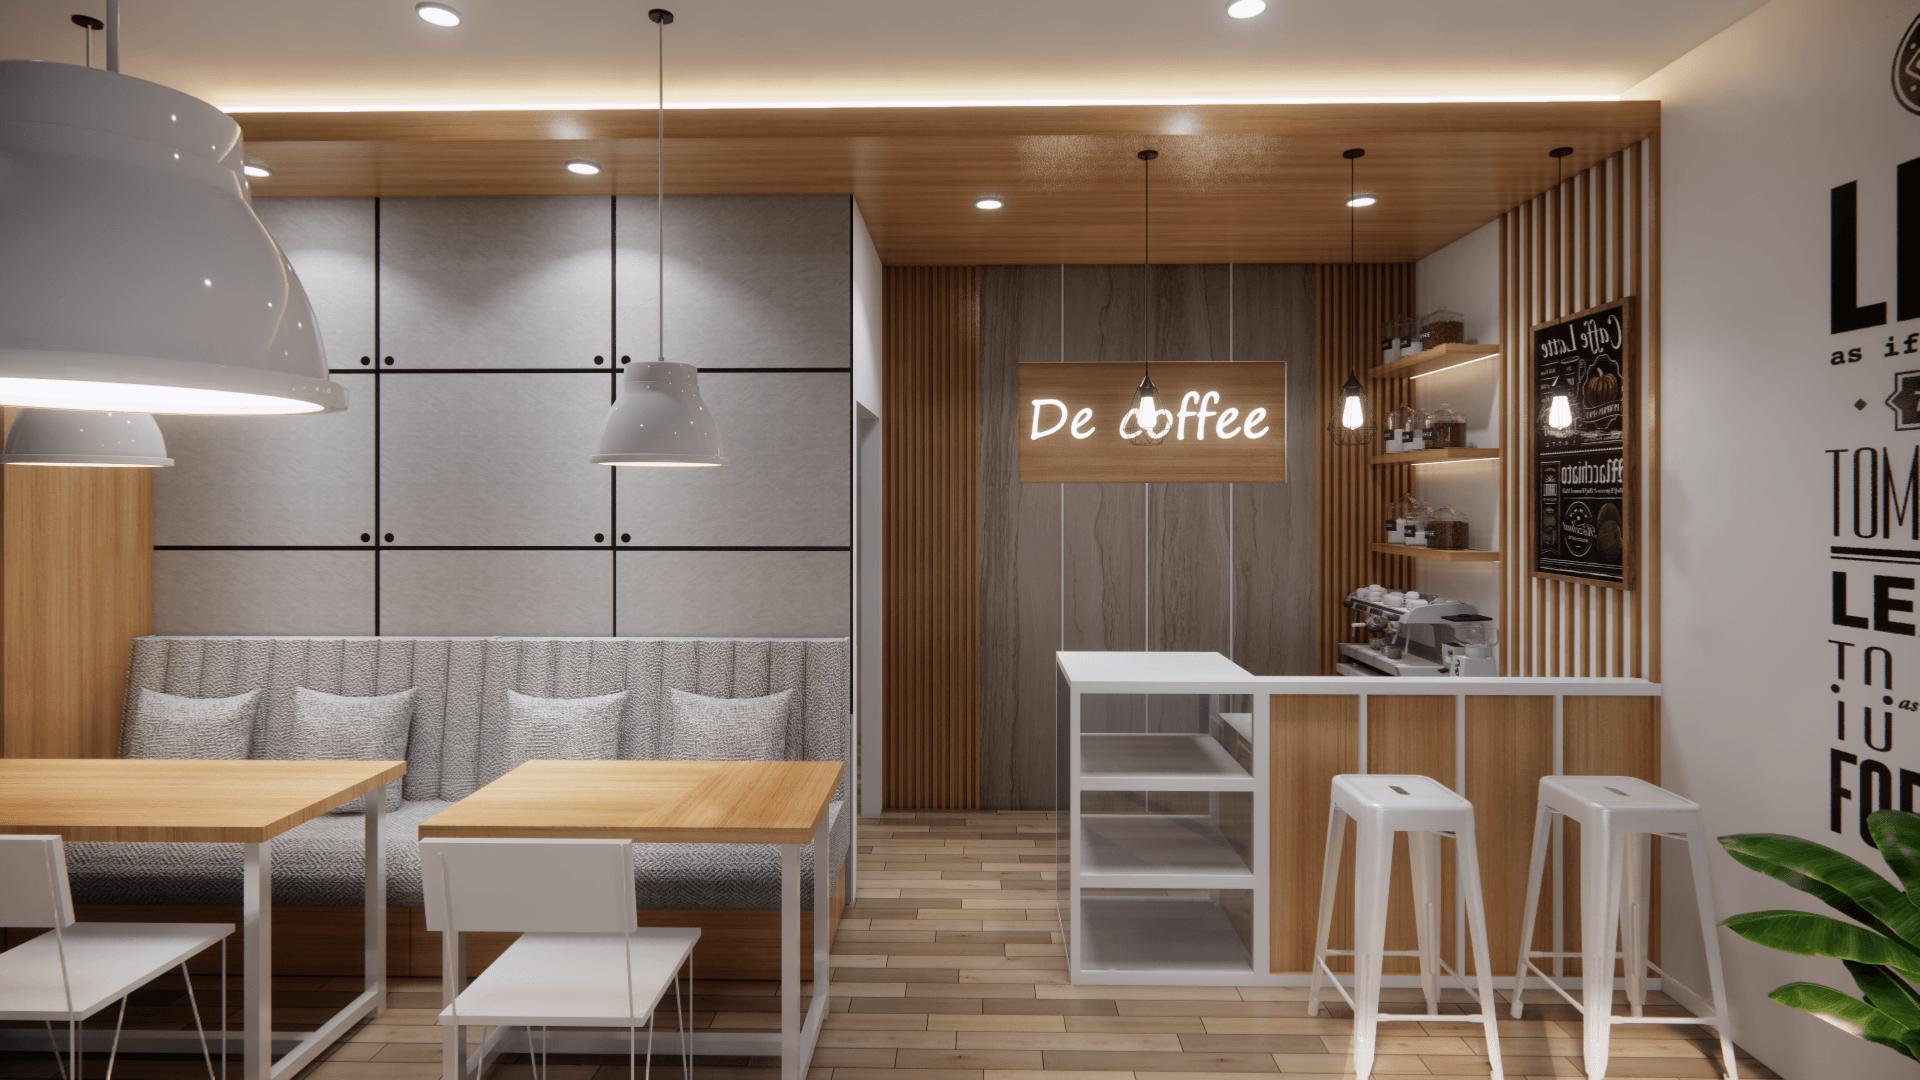 Faisal Amri Coffe Shop Bpk Andi Semarang, Kota Semarang, Jawa Tengah, Indonesia Semarang, Kota Semarang, Jawa Tengah, Indonesia Faisal-Amri-Coffe-Shop-Bpk-Andi  132500